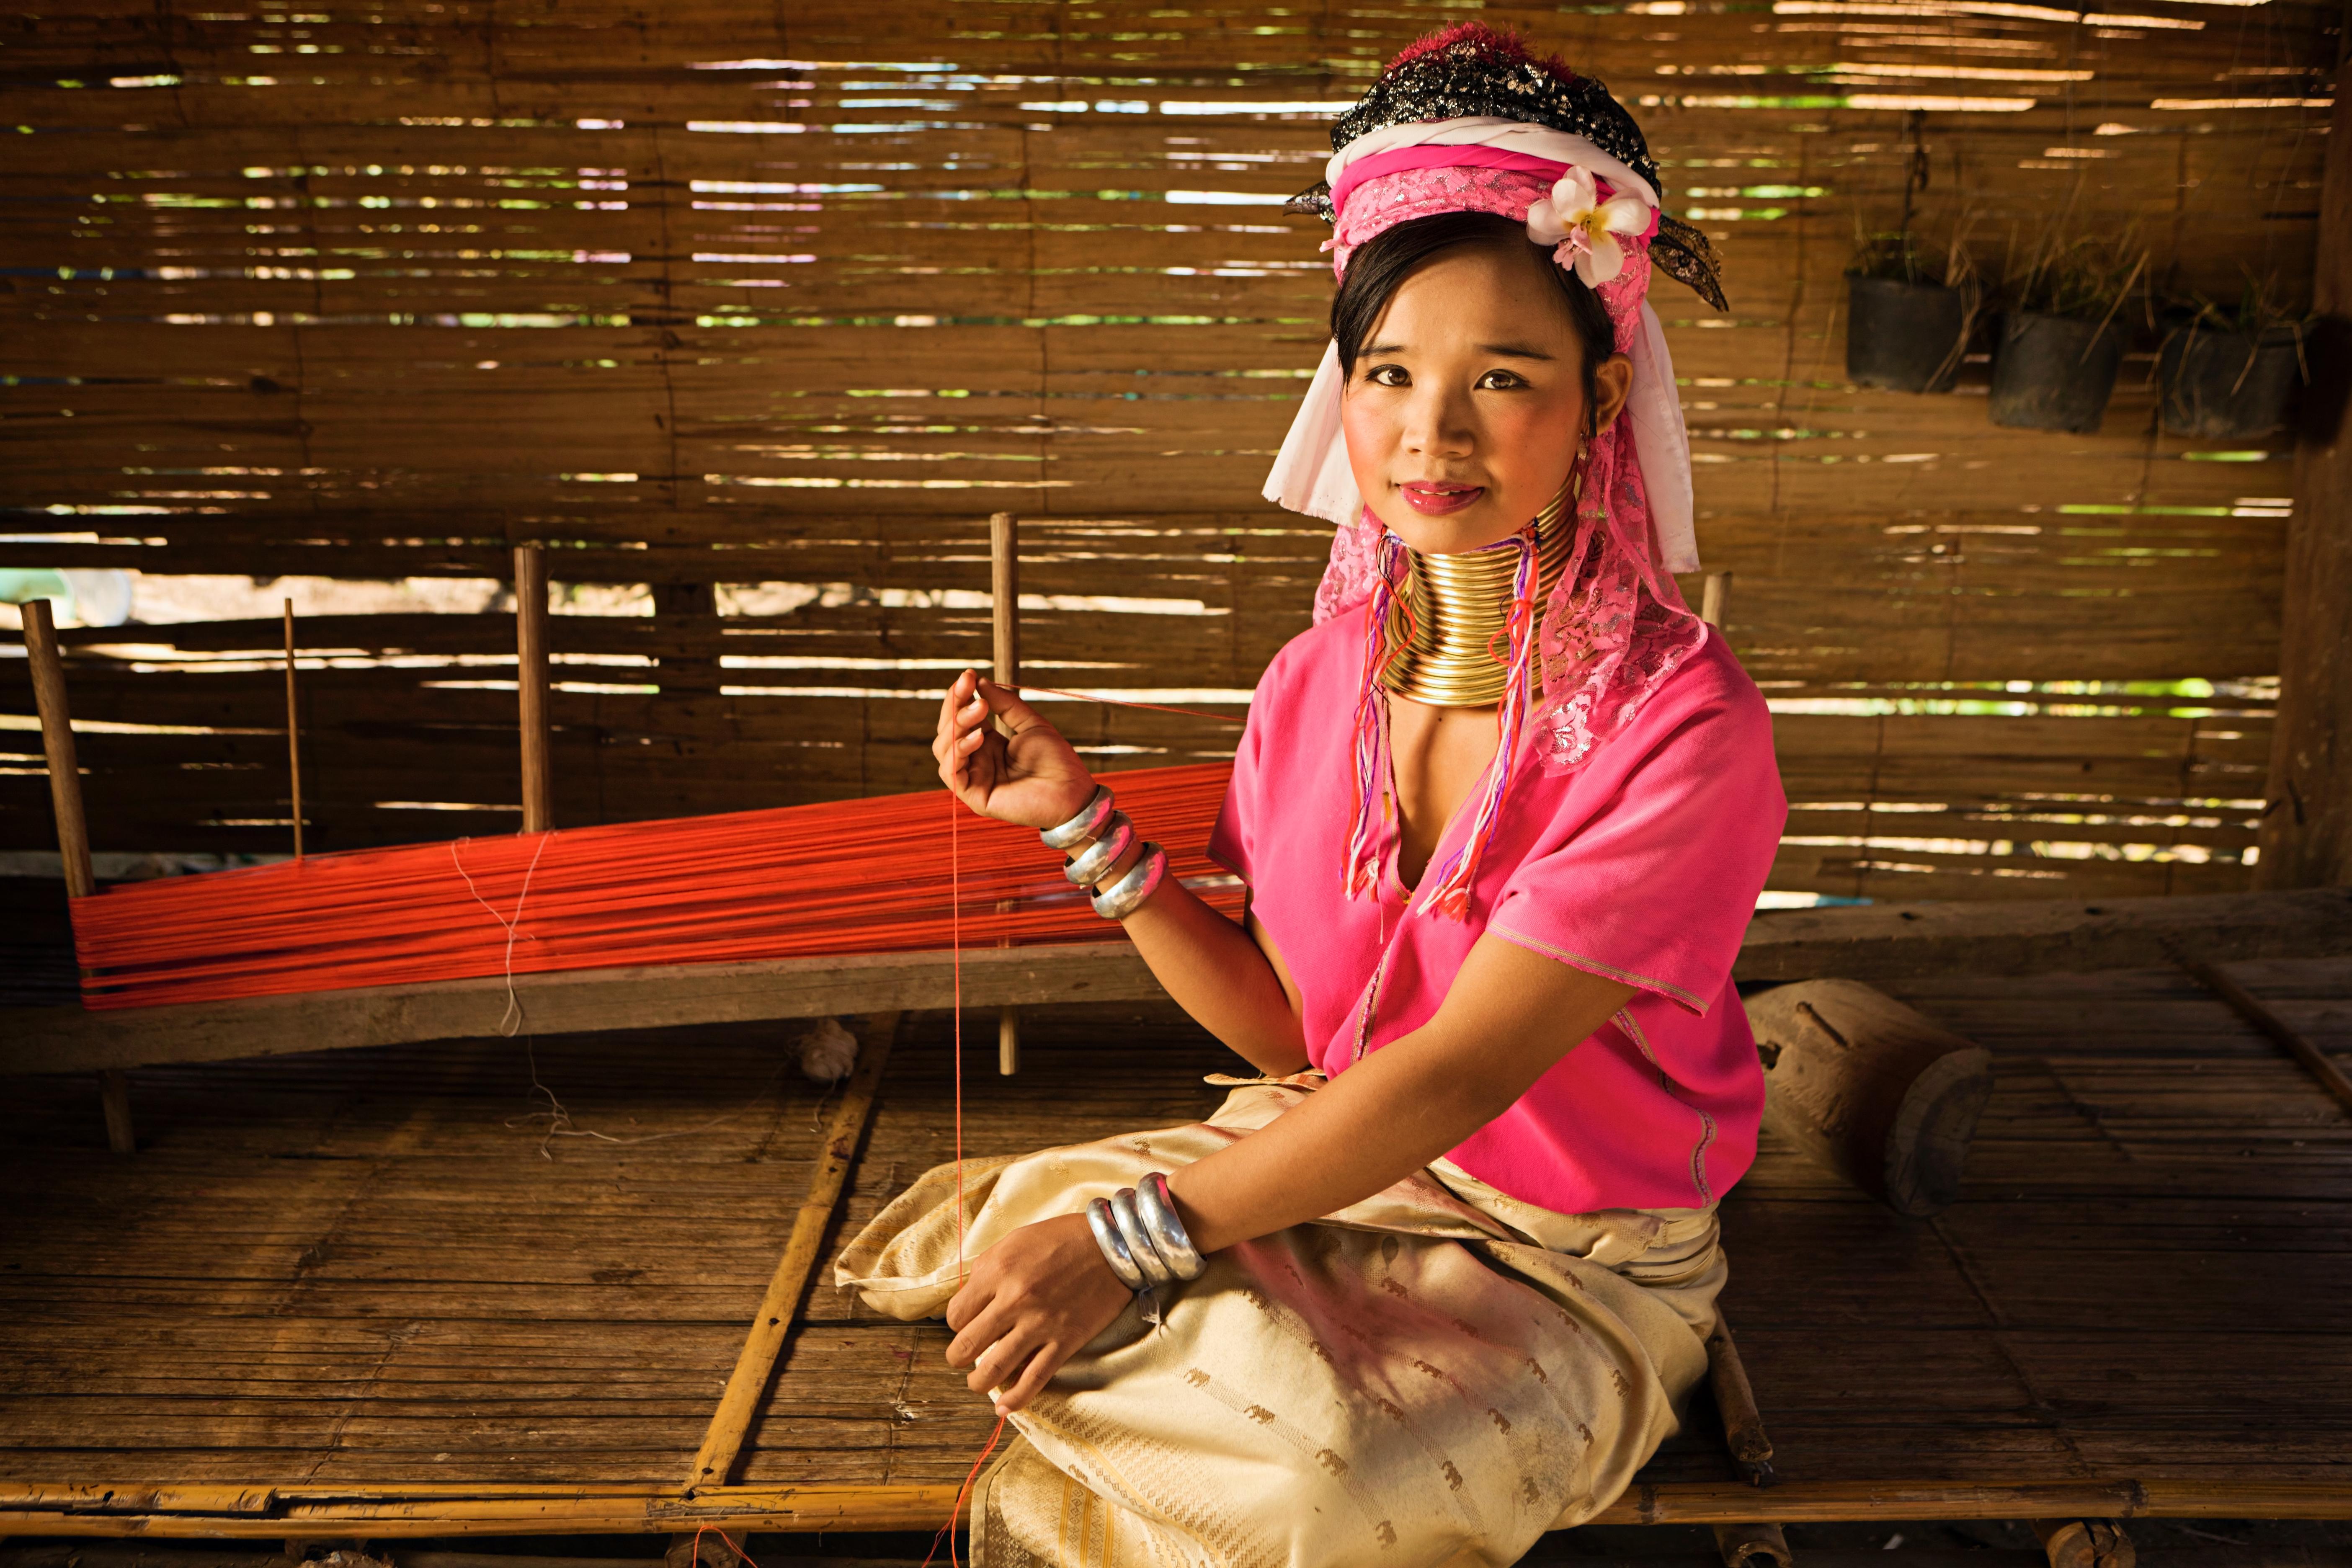 No creerás lo que ven tus ojos ¡el poblado de las mujeres jirafa! - Tailandia Gran Viaje Tailandia al completo